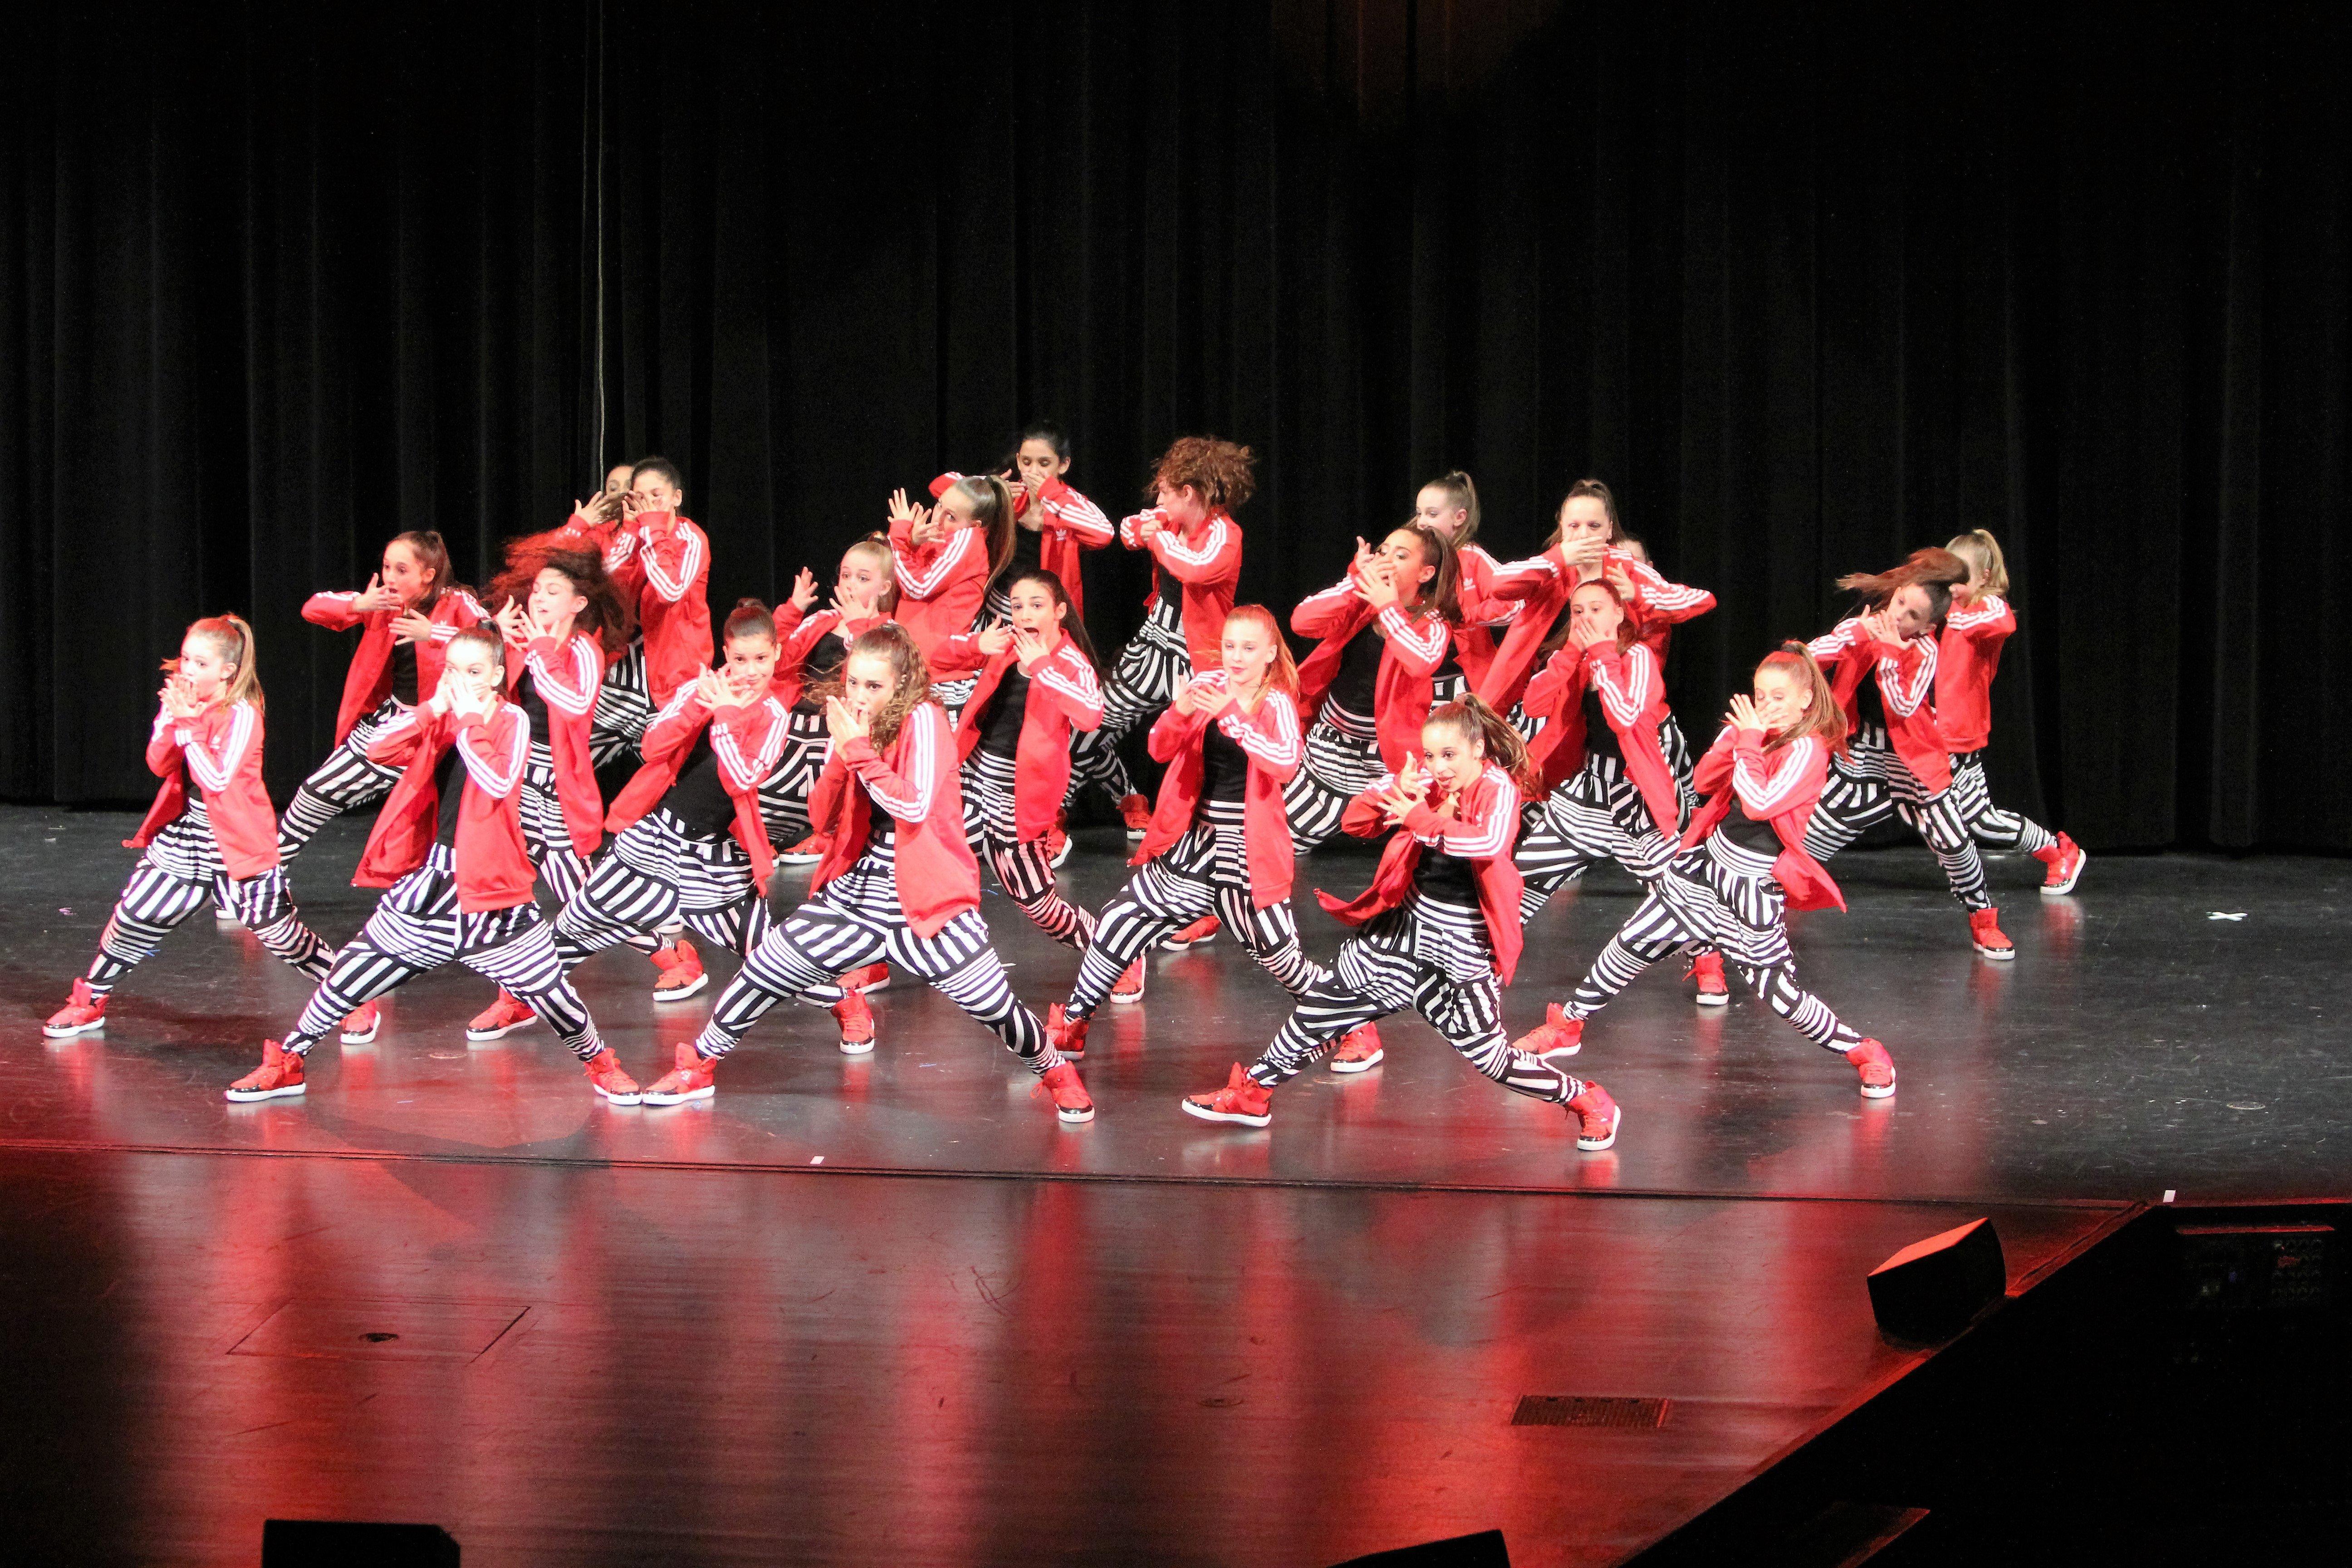 Soul 2 Sole Dance, Inc. image 4